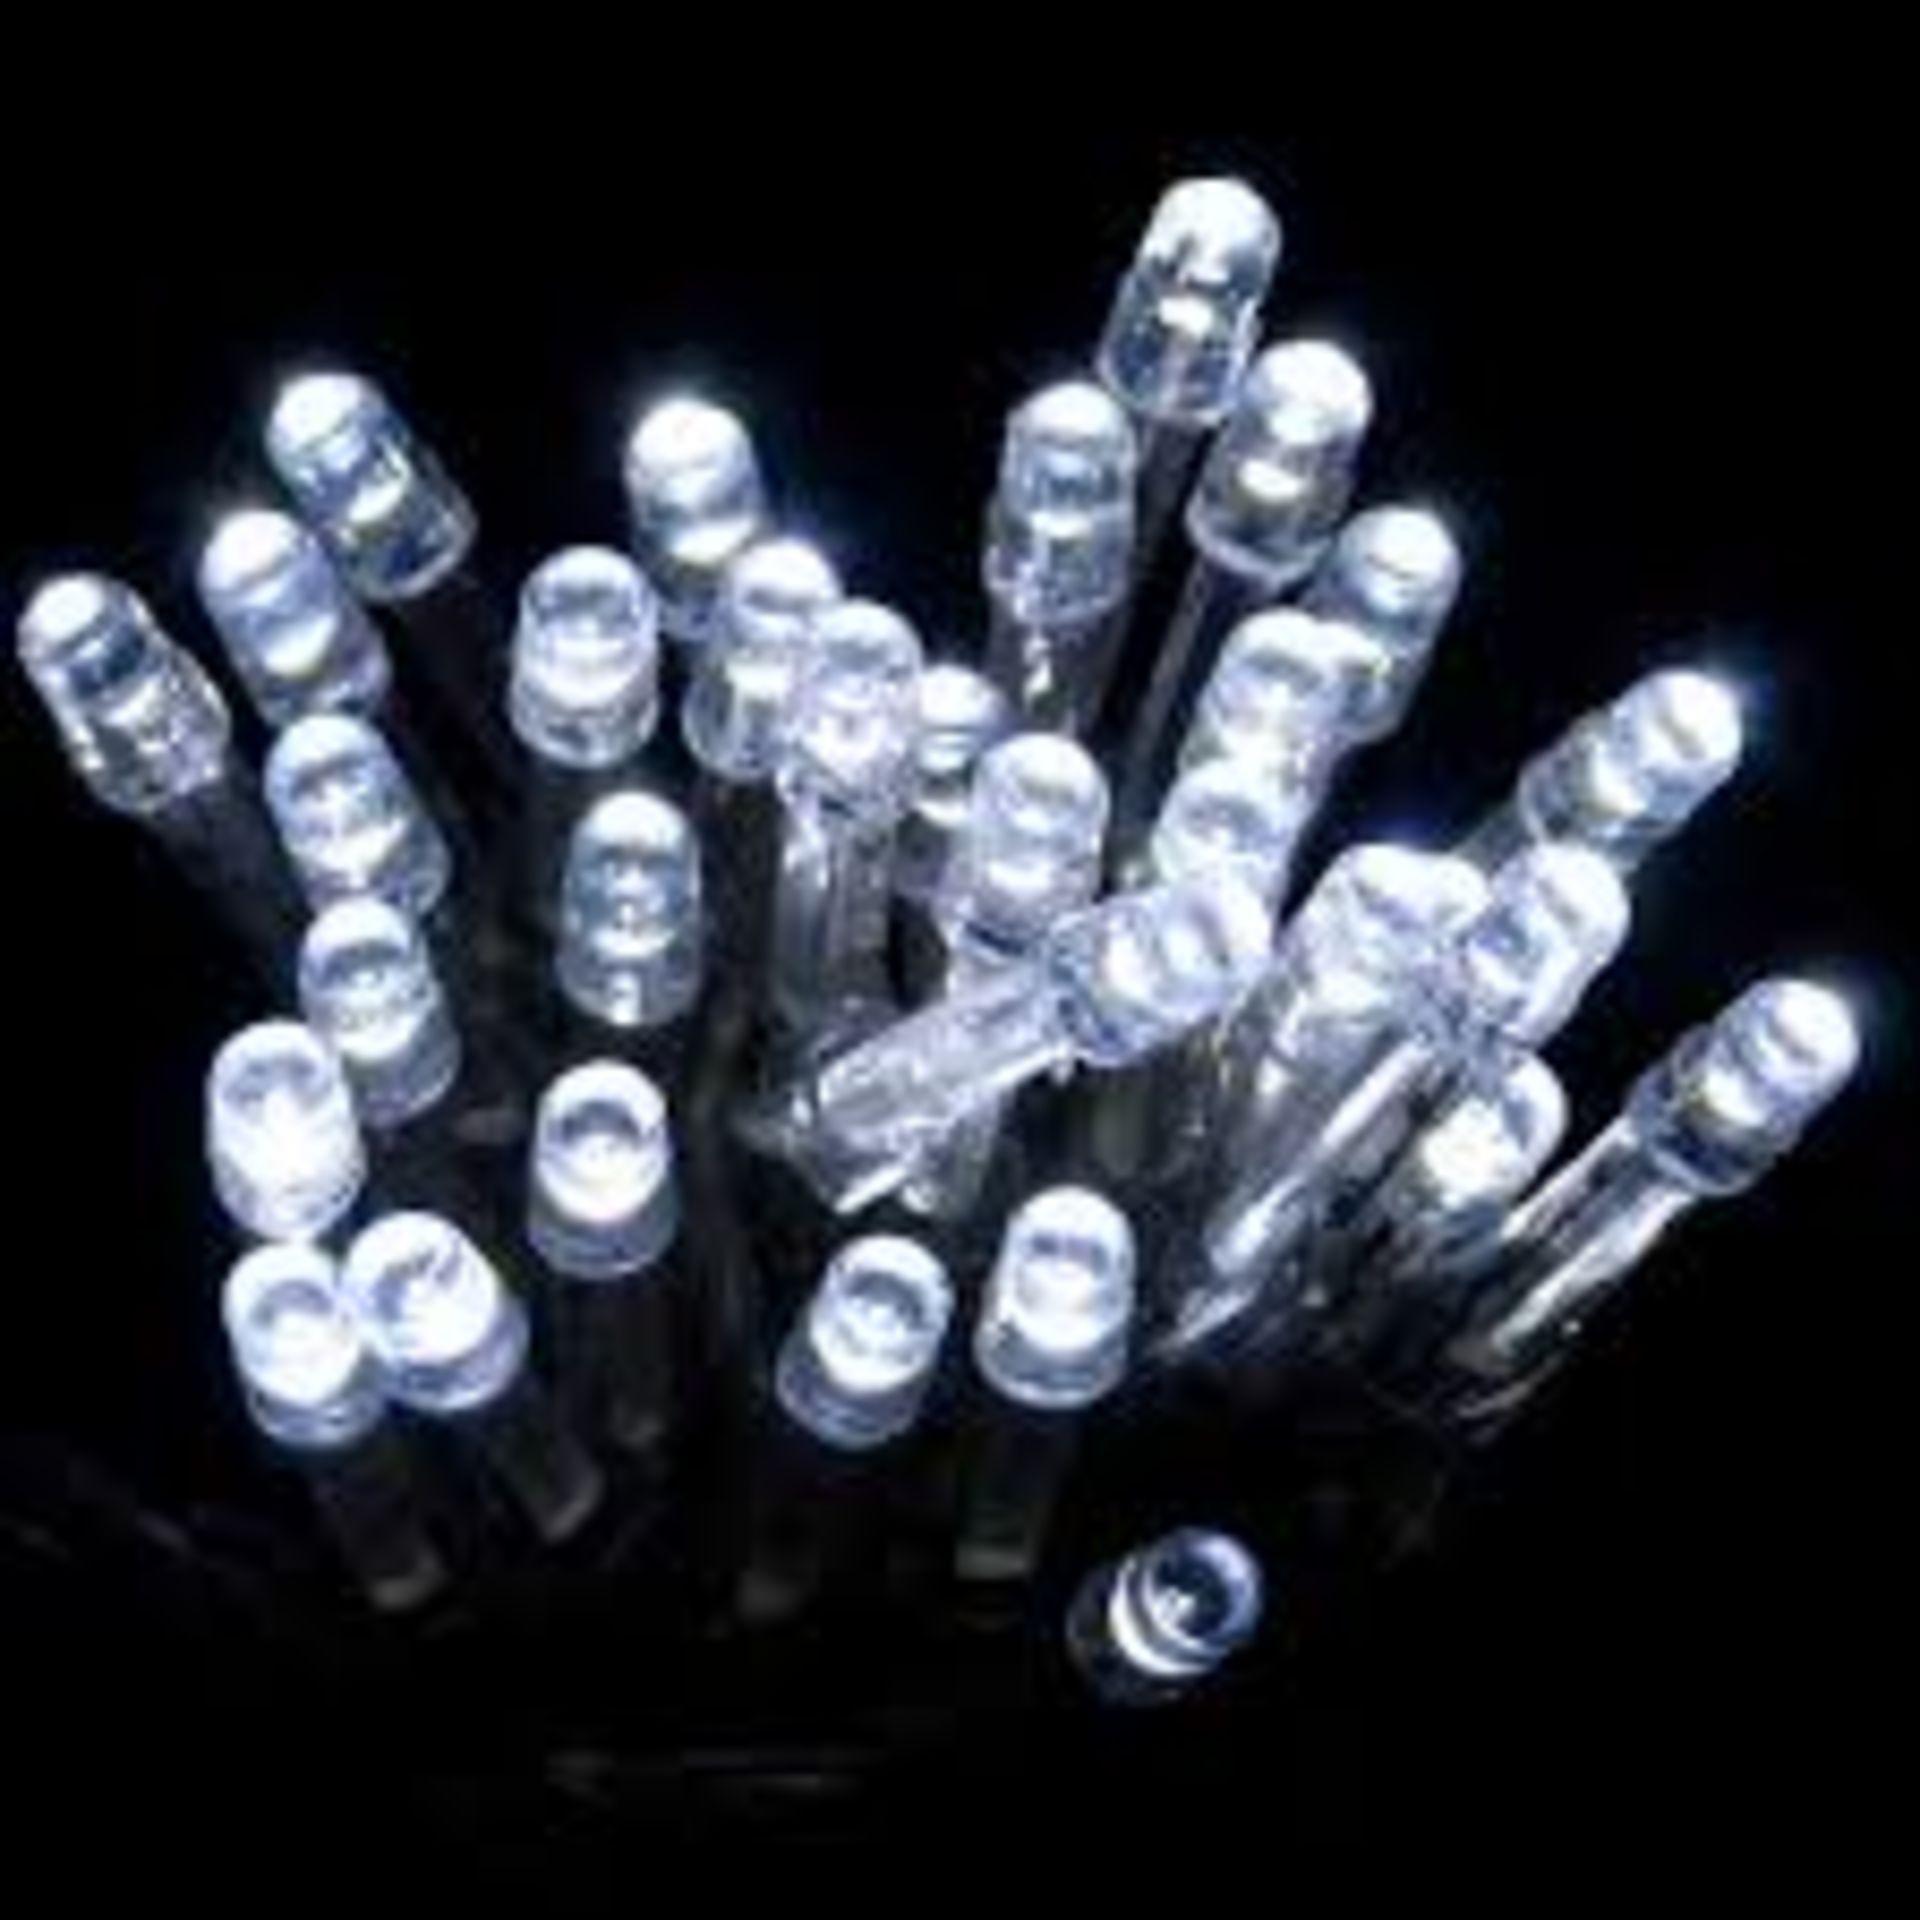 Lot 18147 - V Brand New Two Packs Of Twenty LED Bright White Christmas Lights Total Length 2.3m Each